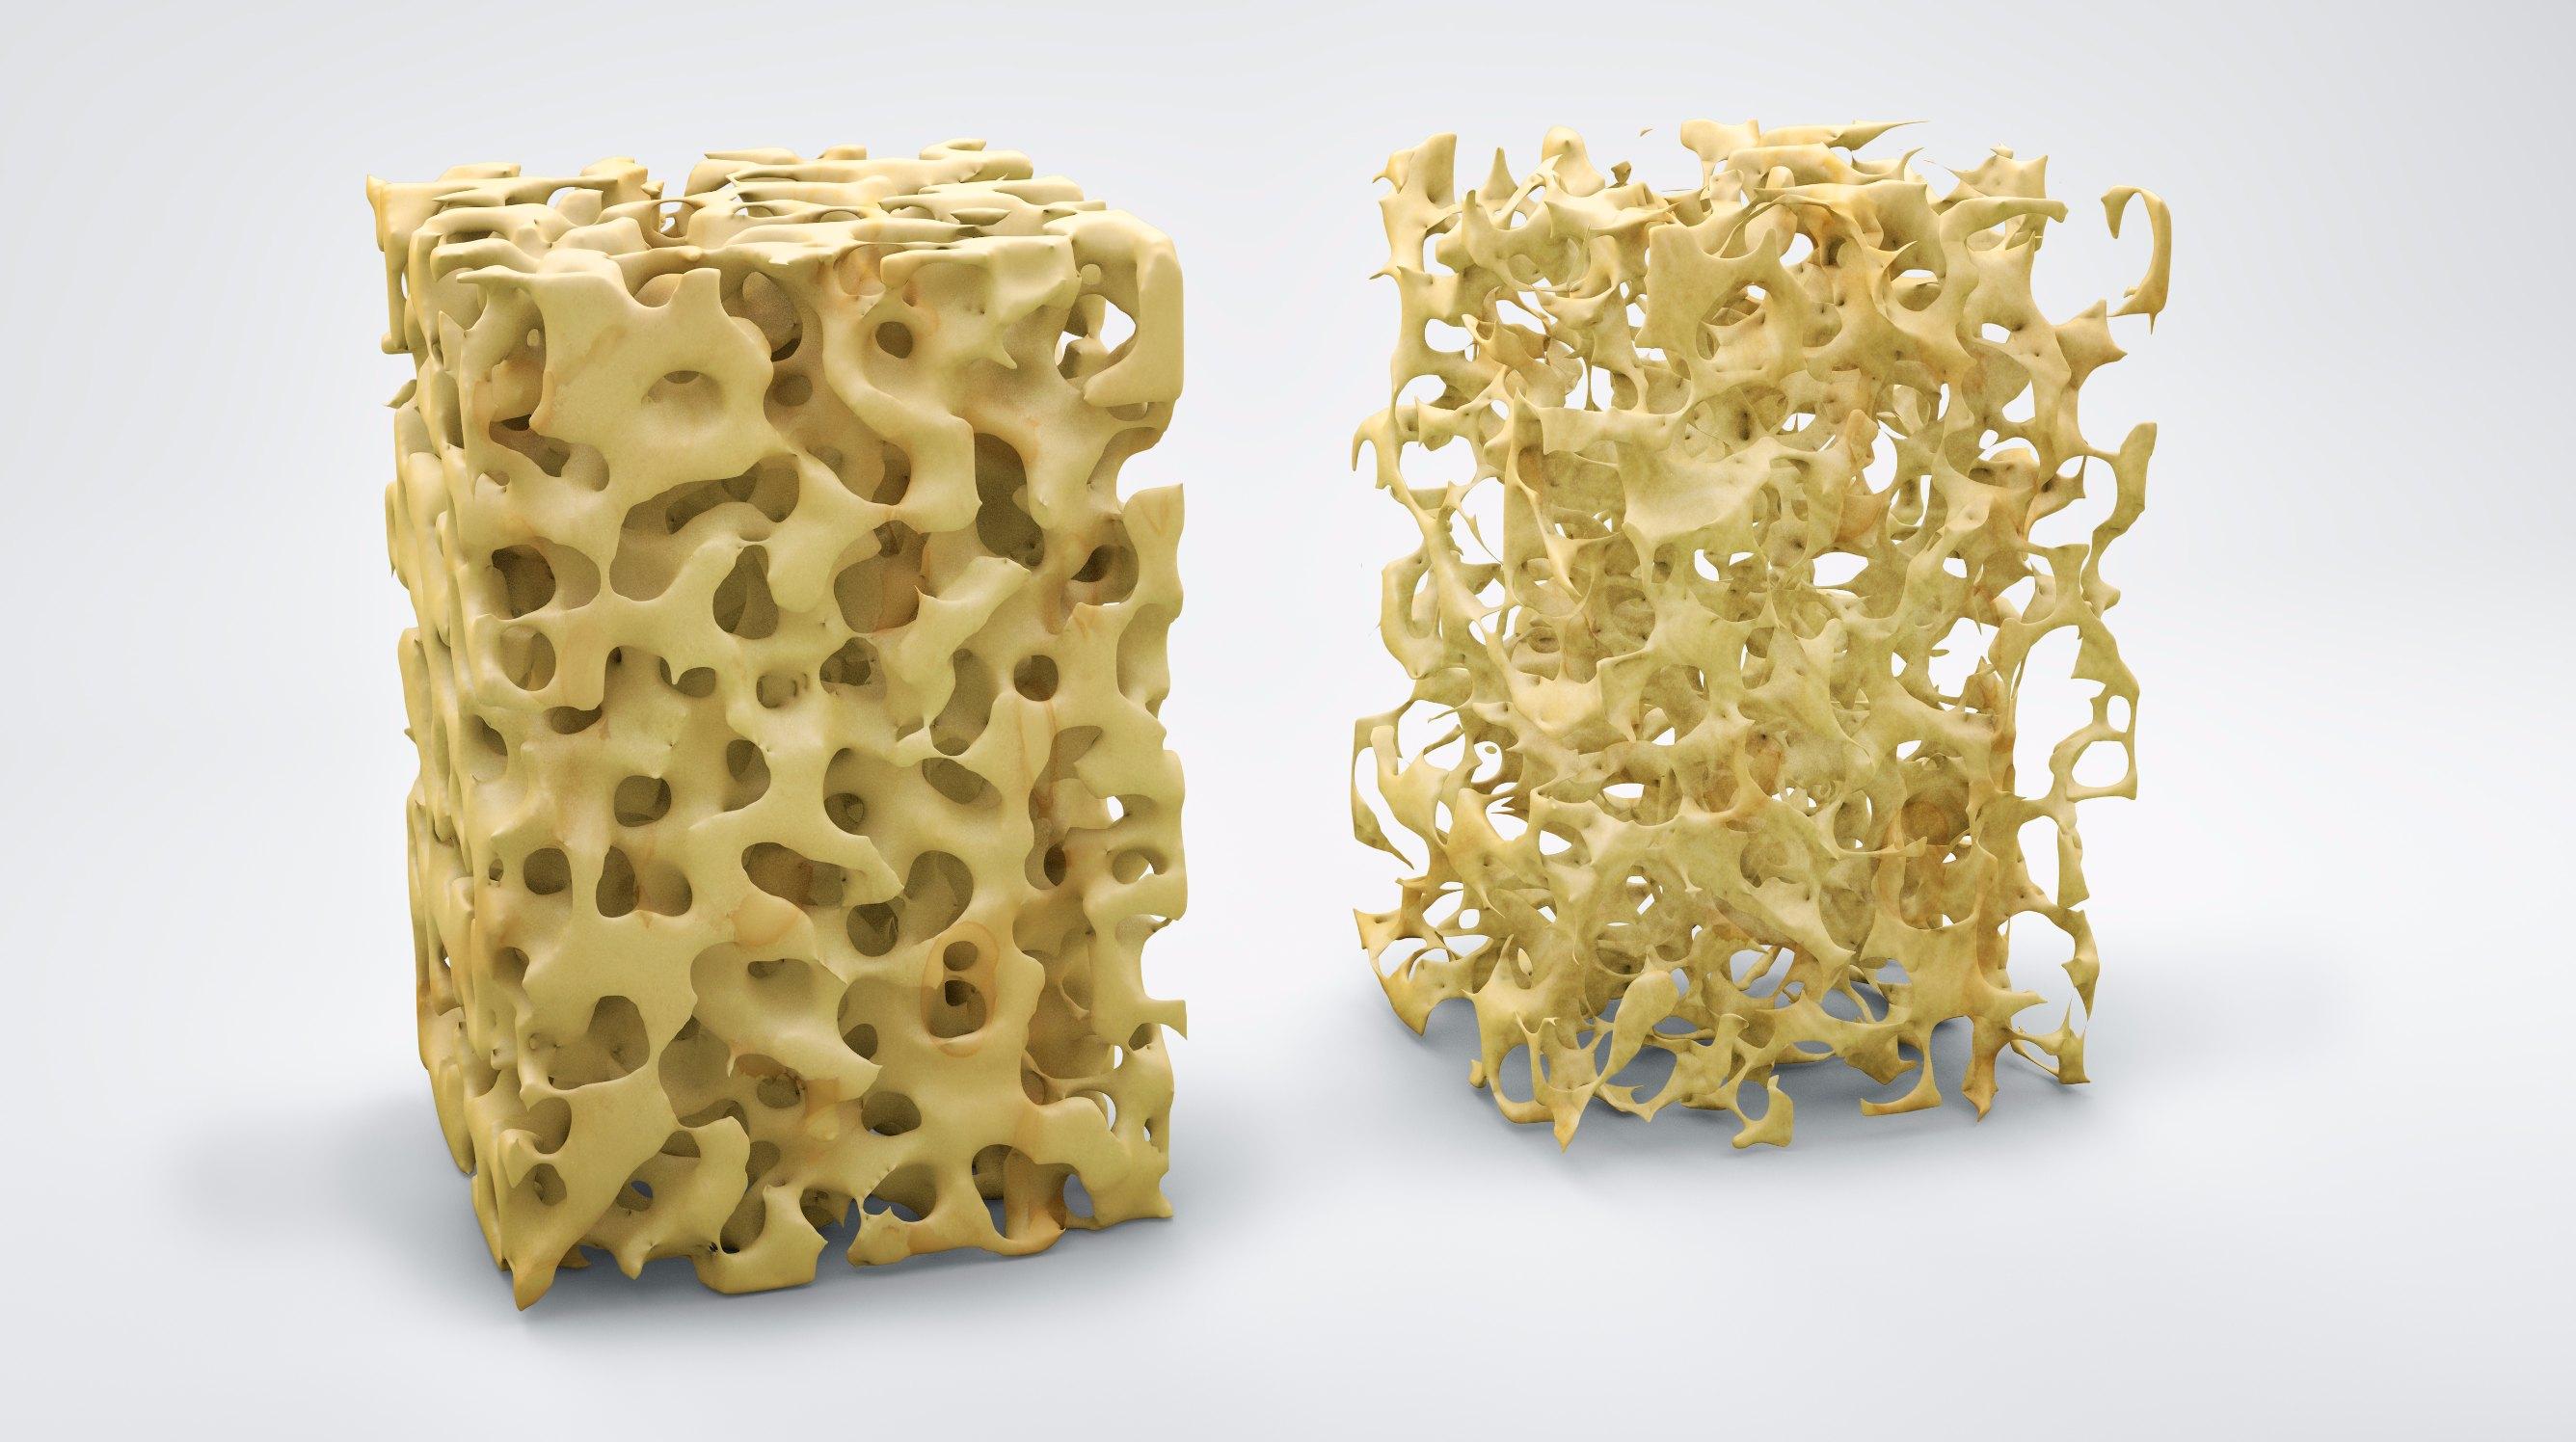 Osteoporosis Photo